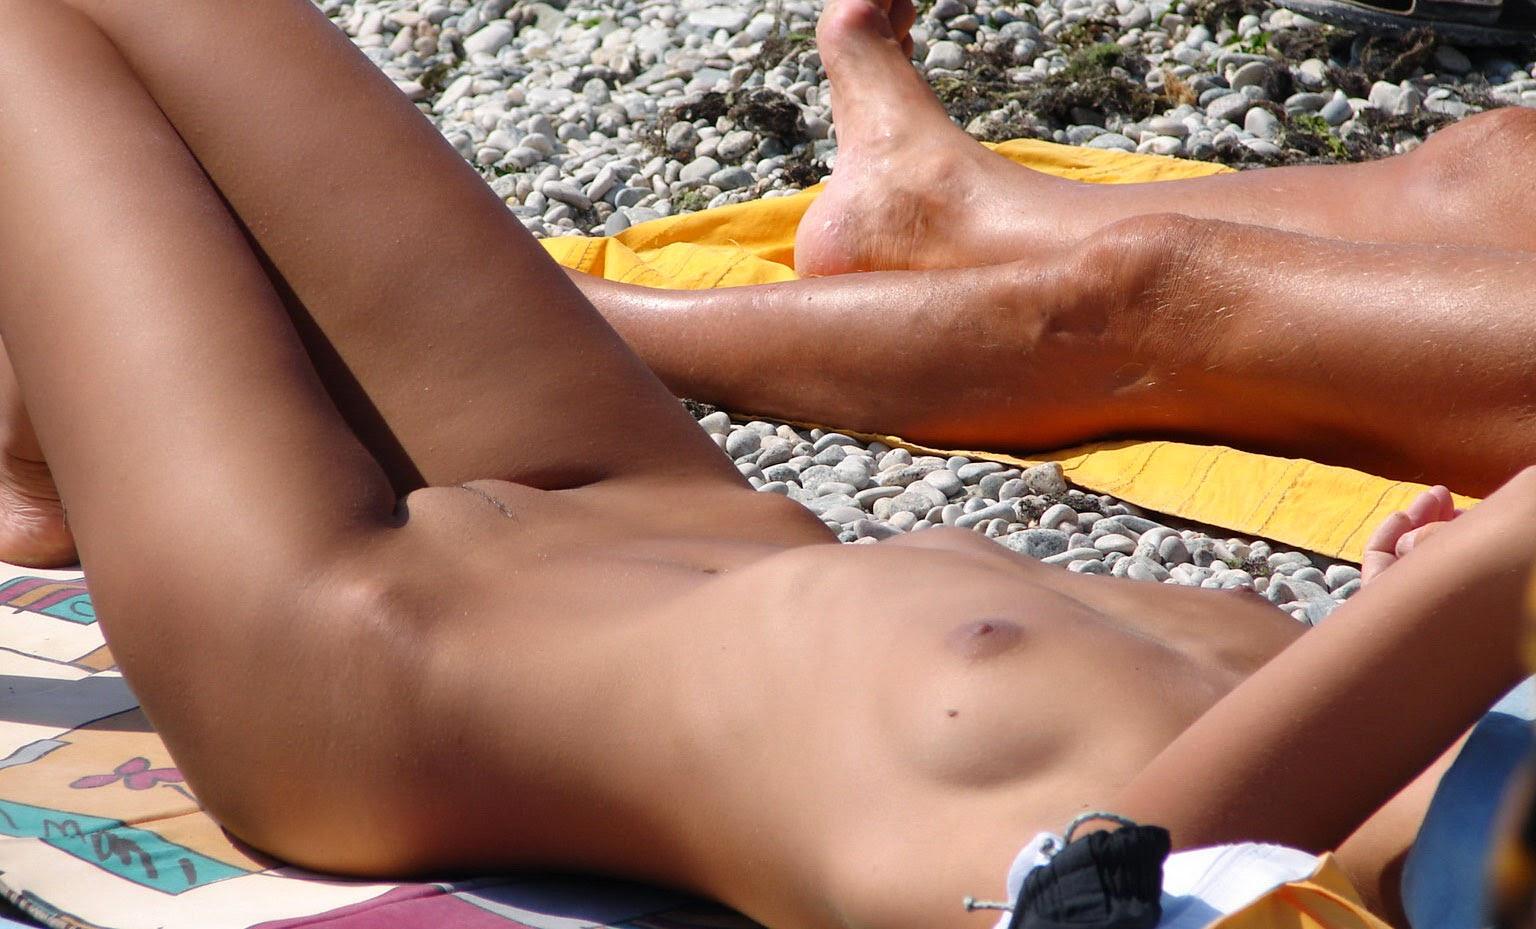 Crimea nude girls apologise